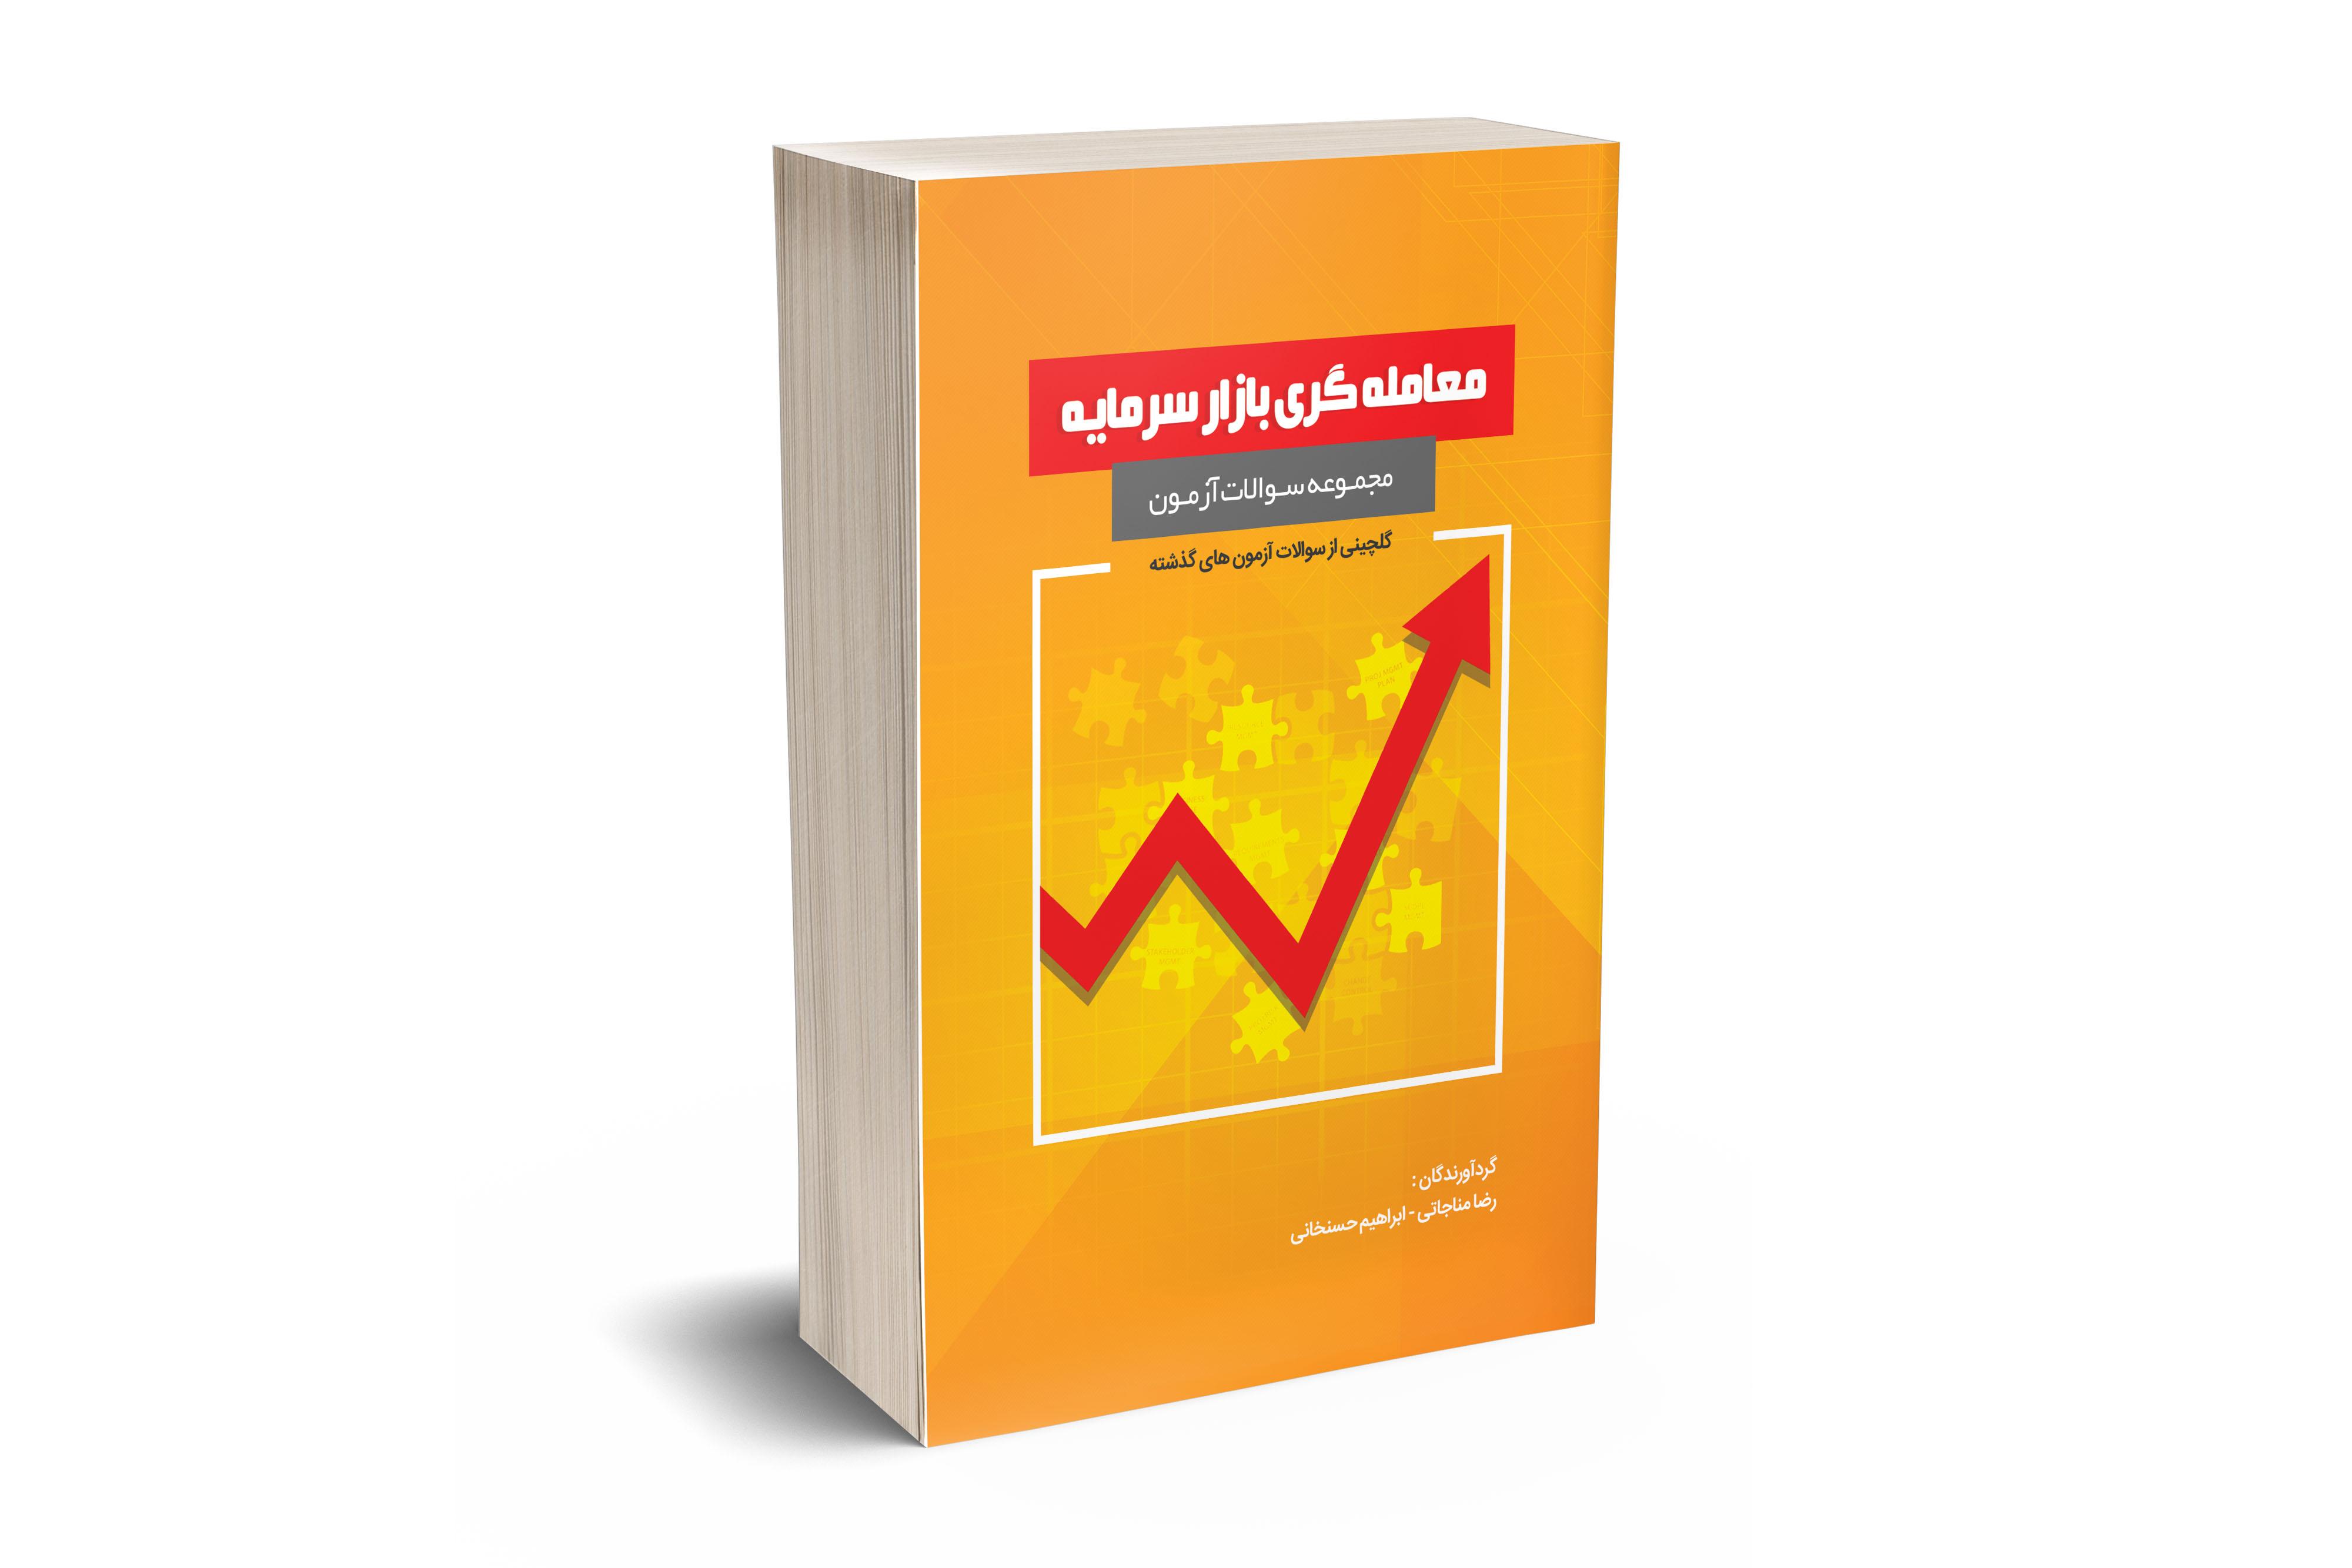 مجموعه سوالات آزمون معامله گری بازار سرمایه